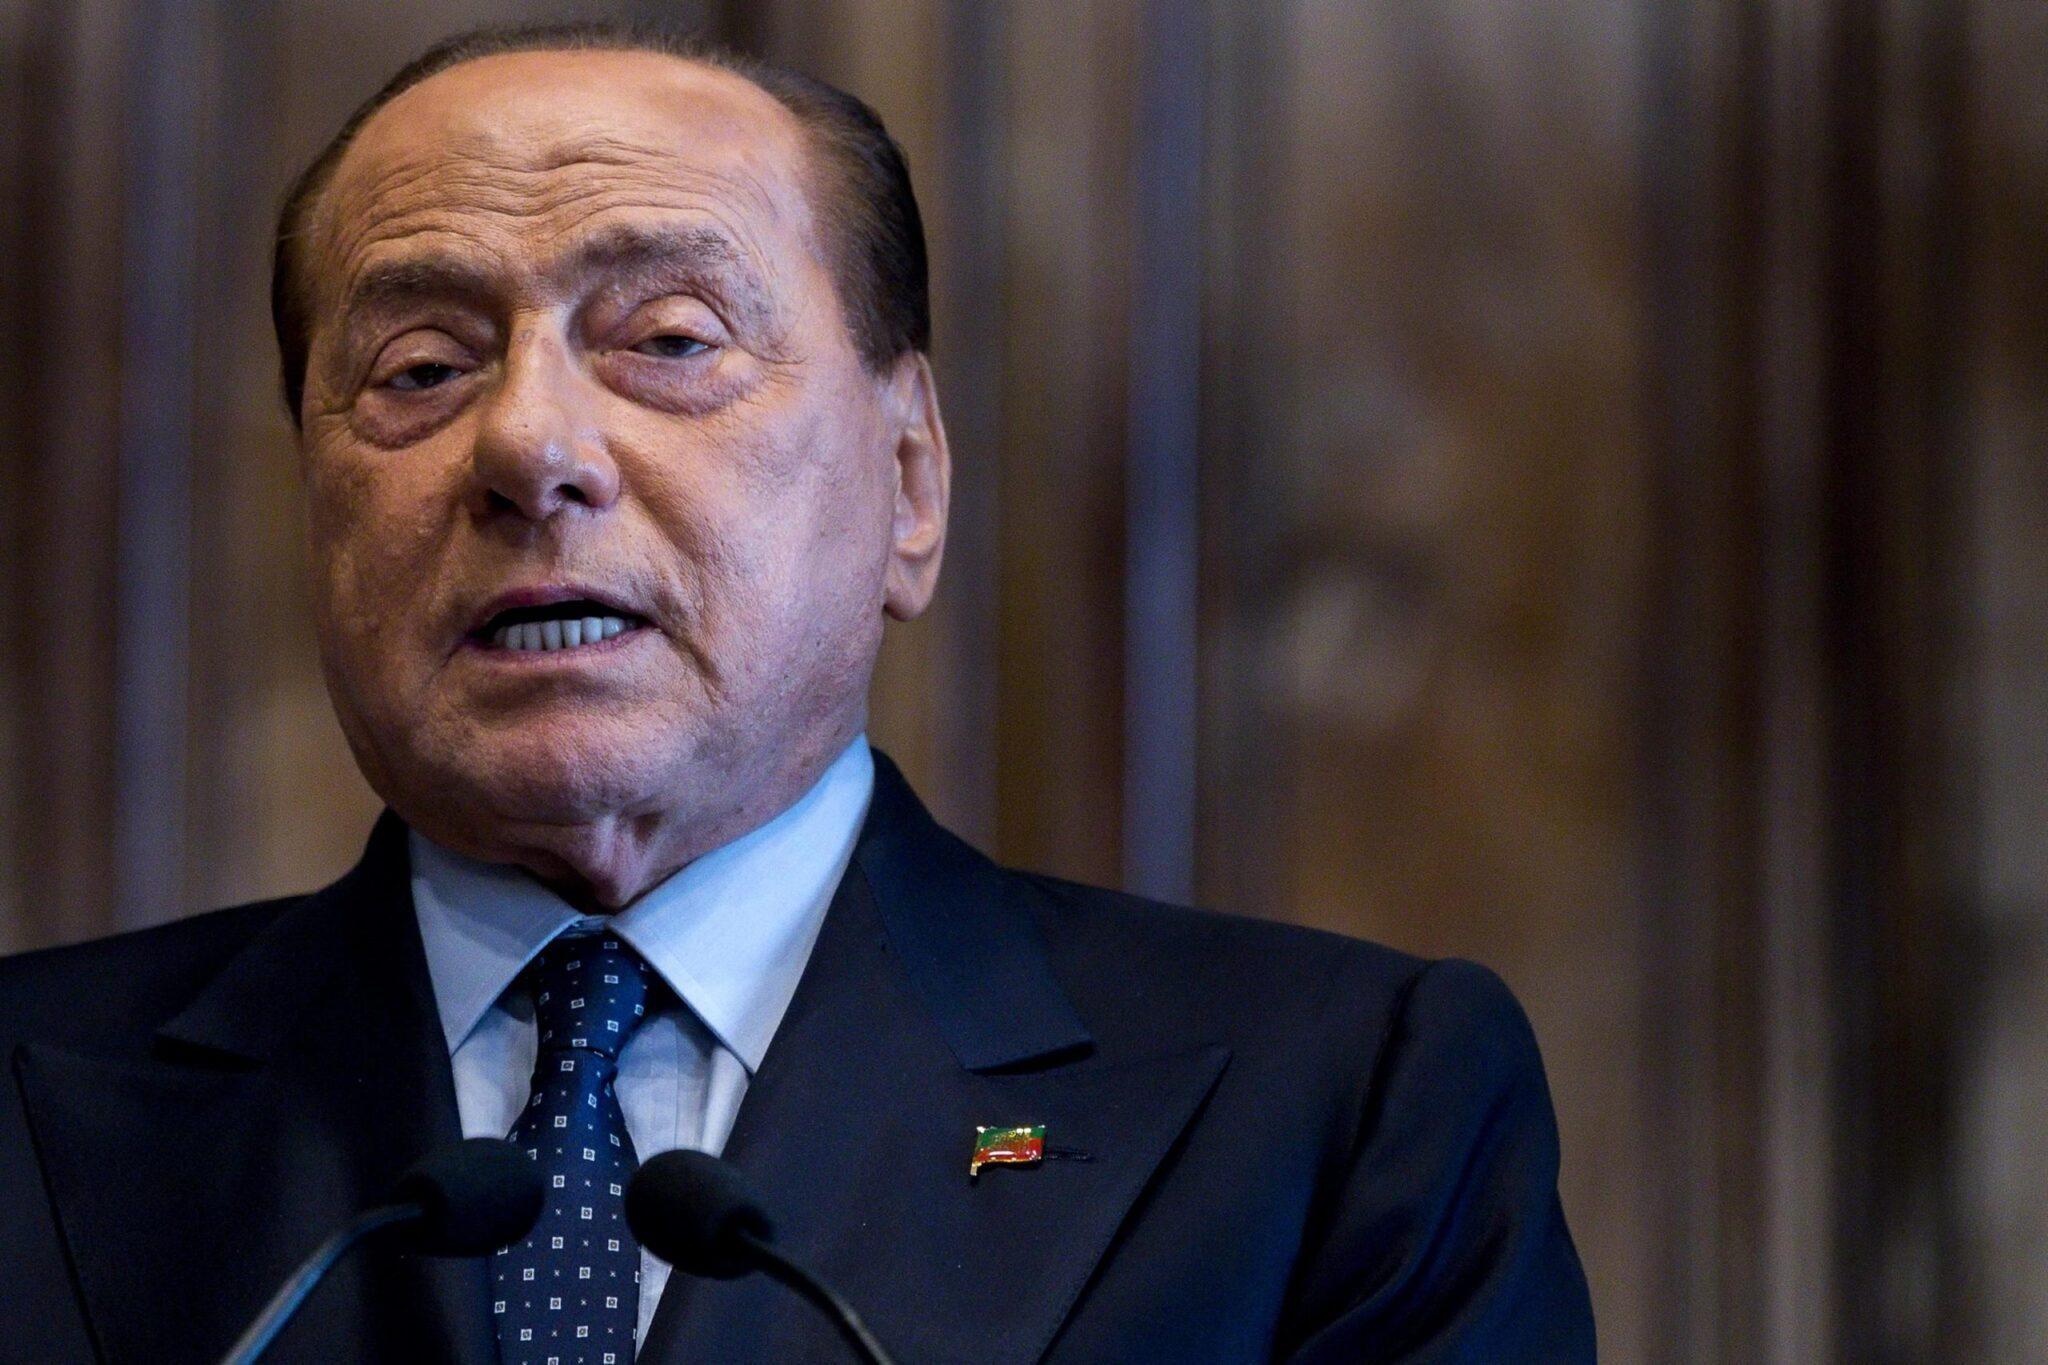 Coronavirus, Berlusconi ha donato 10 milioni di euro alla Regione Lombardia